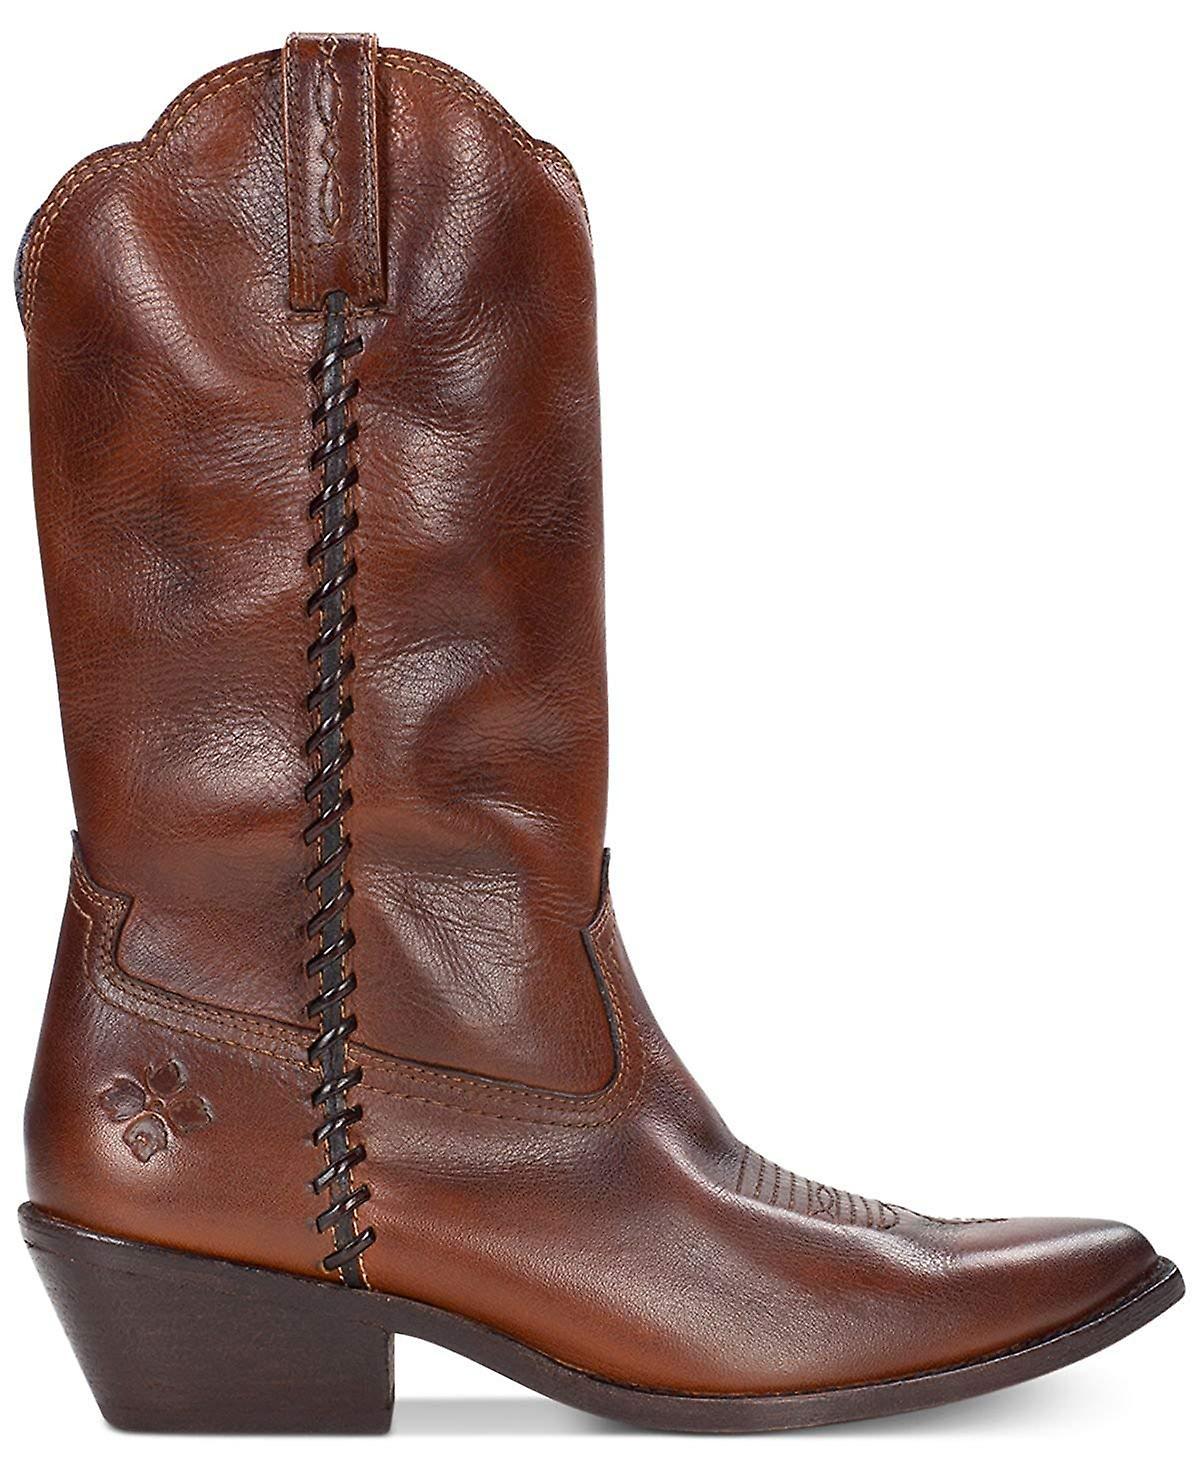 Patricia Nash Bergamo damskie skórzane wskazał Toe buty kowbojskie połowy łydki NQJPI